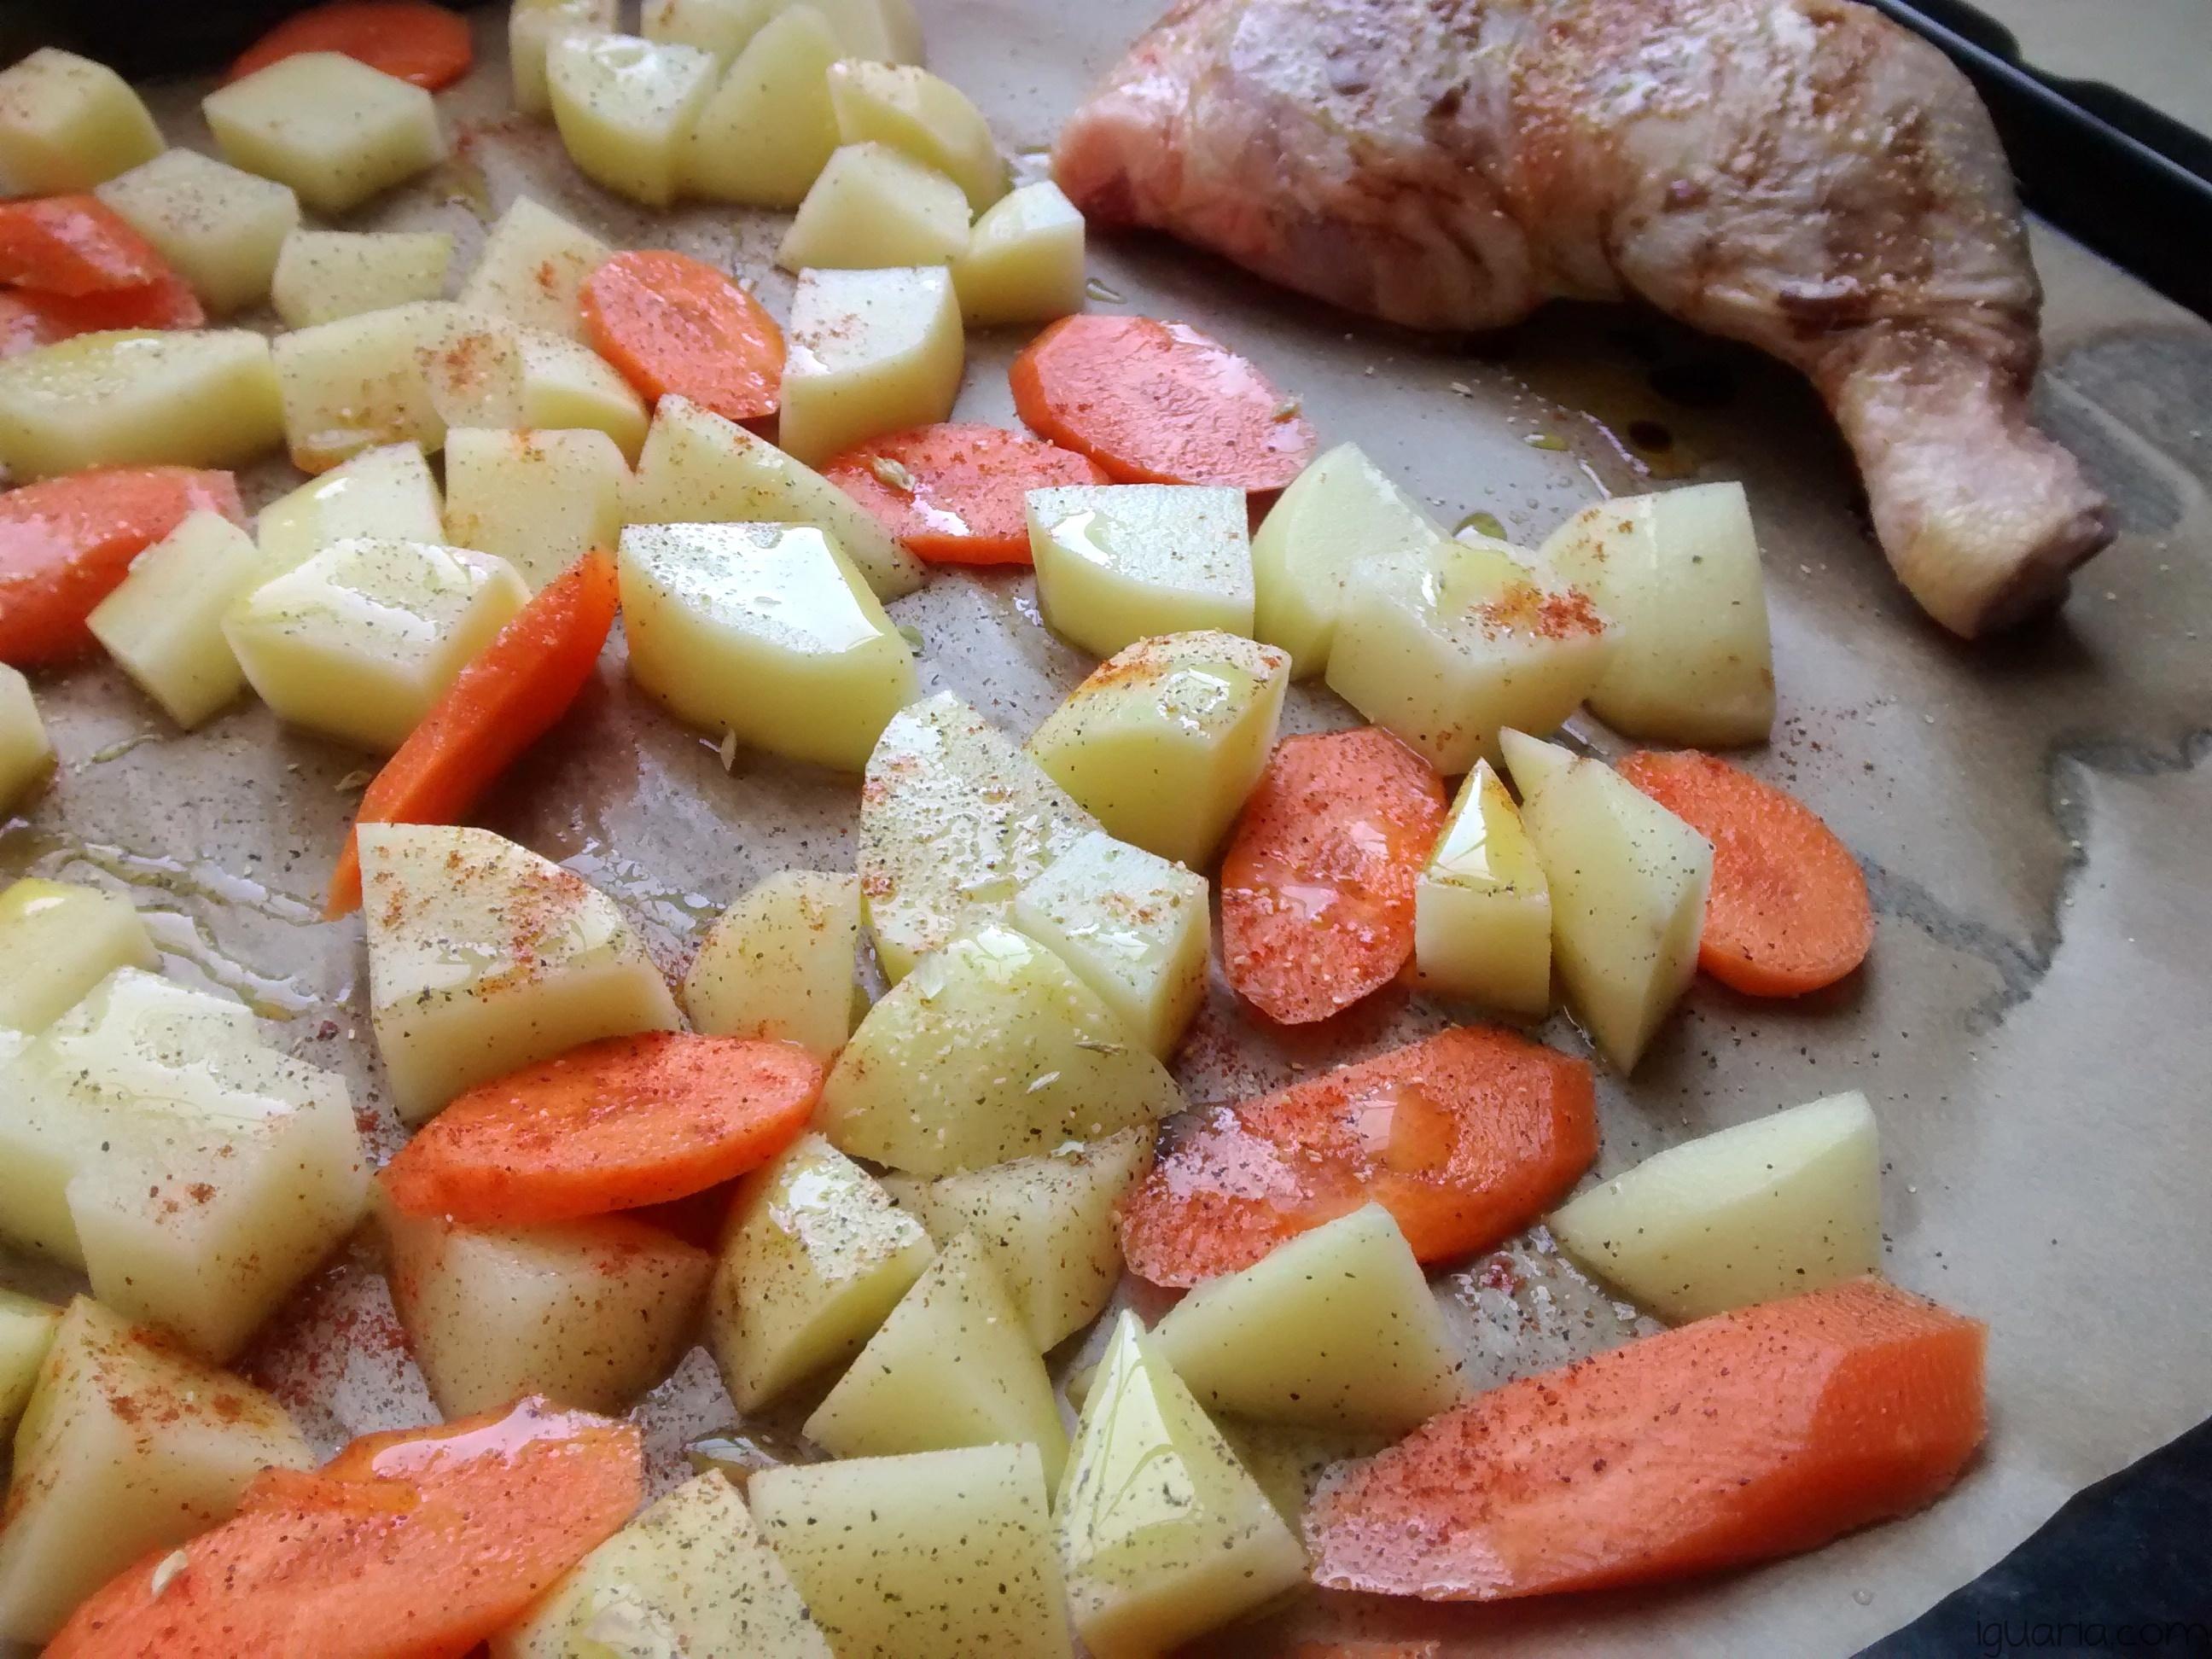 iguaria-batatas-e-perna-de-frango-temperadas